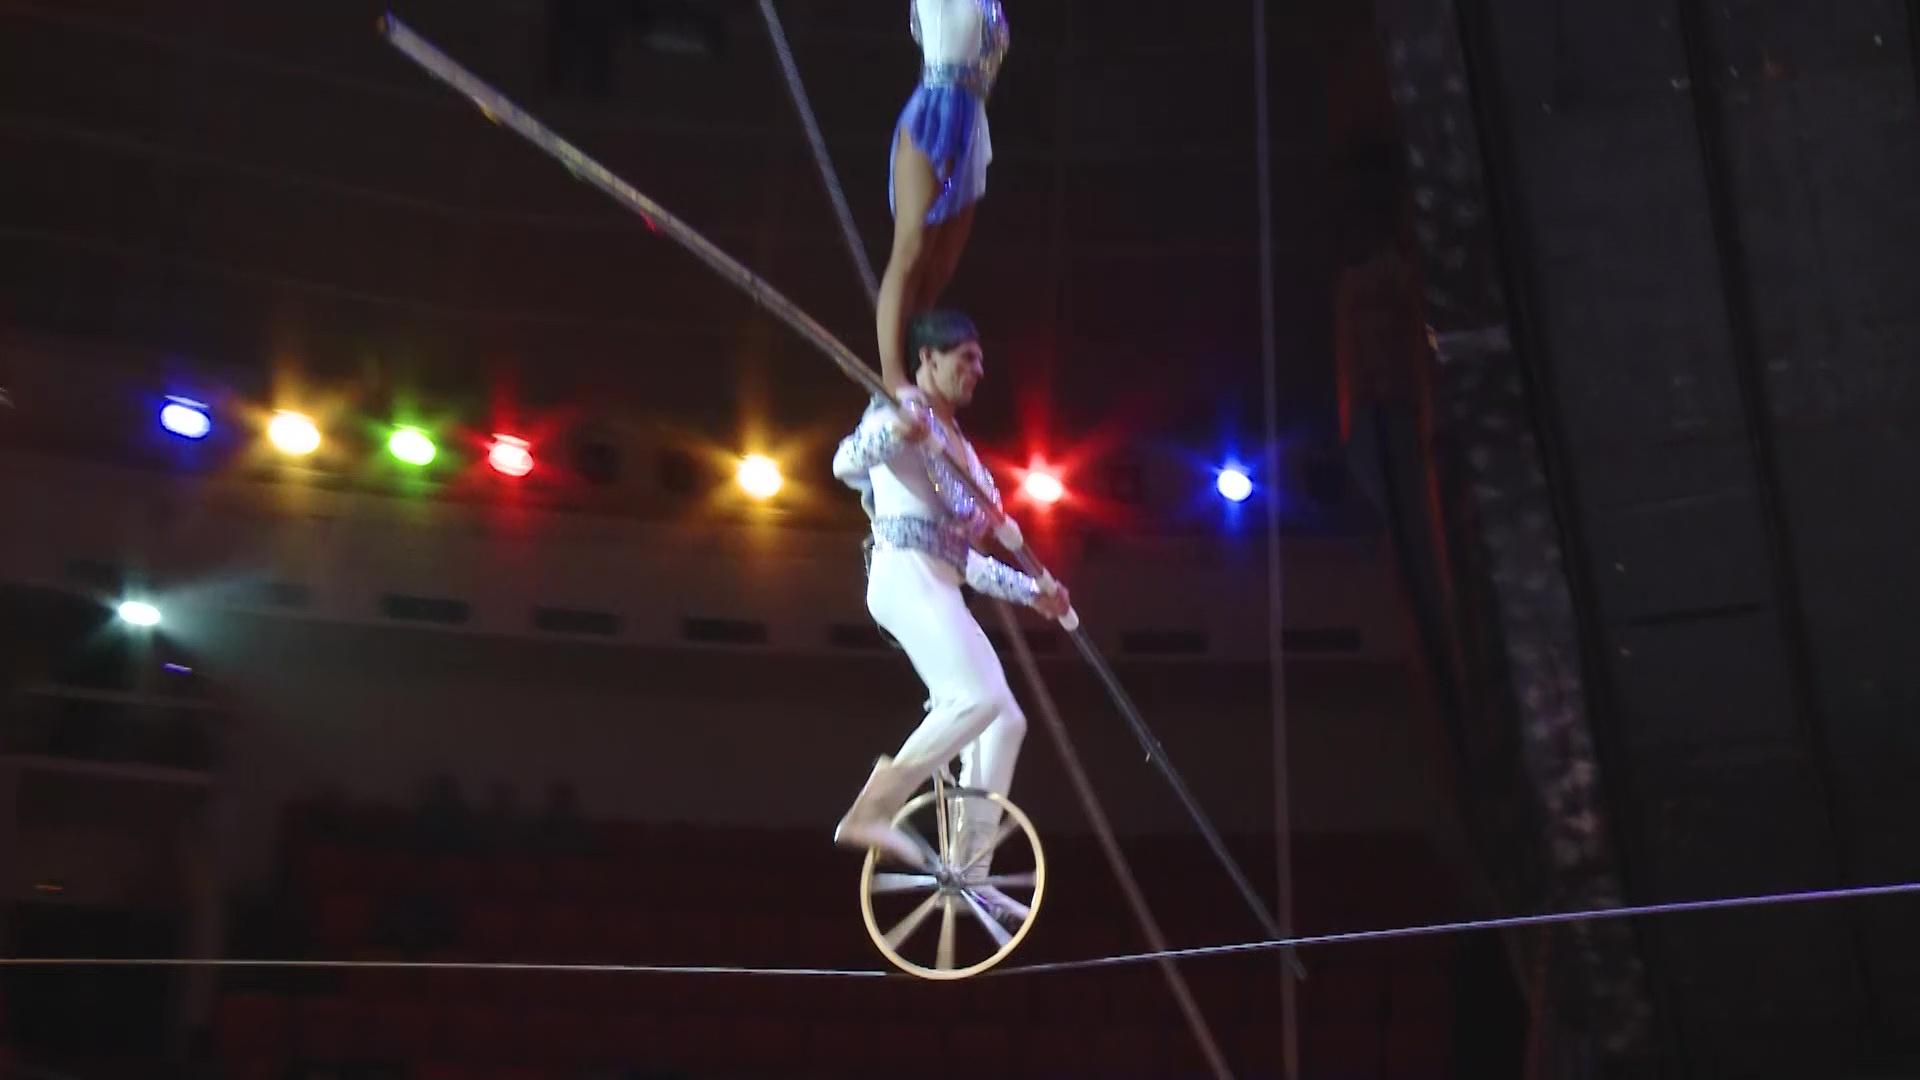 Ярославцев удивляют новой цирковой программой